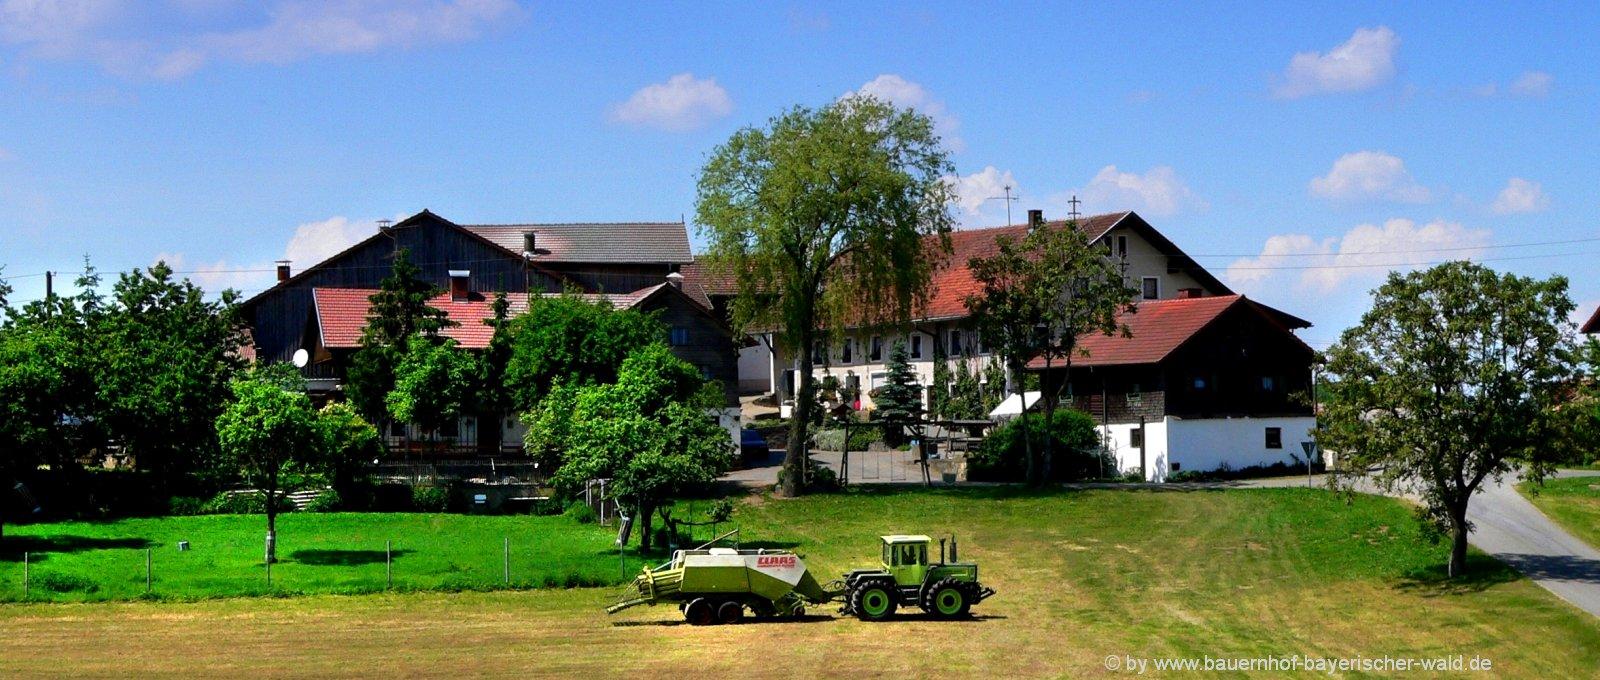 Bayern uriges Ferienhaus am Bauernhof für Gruppen